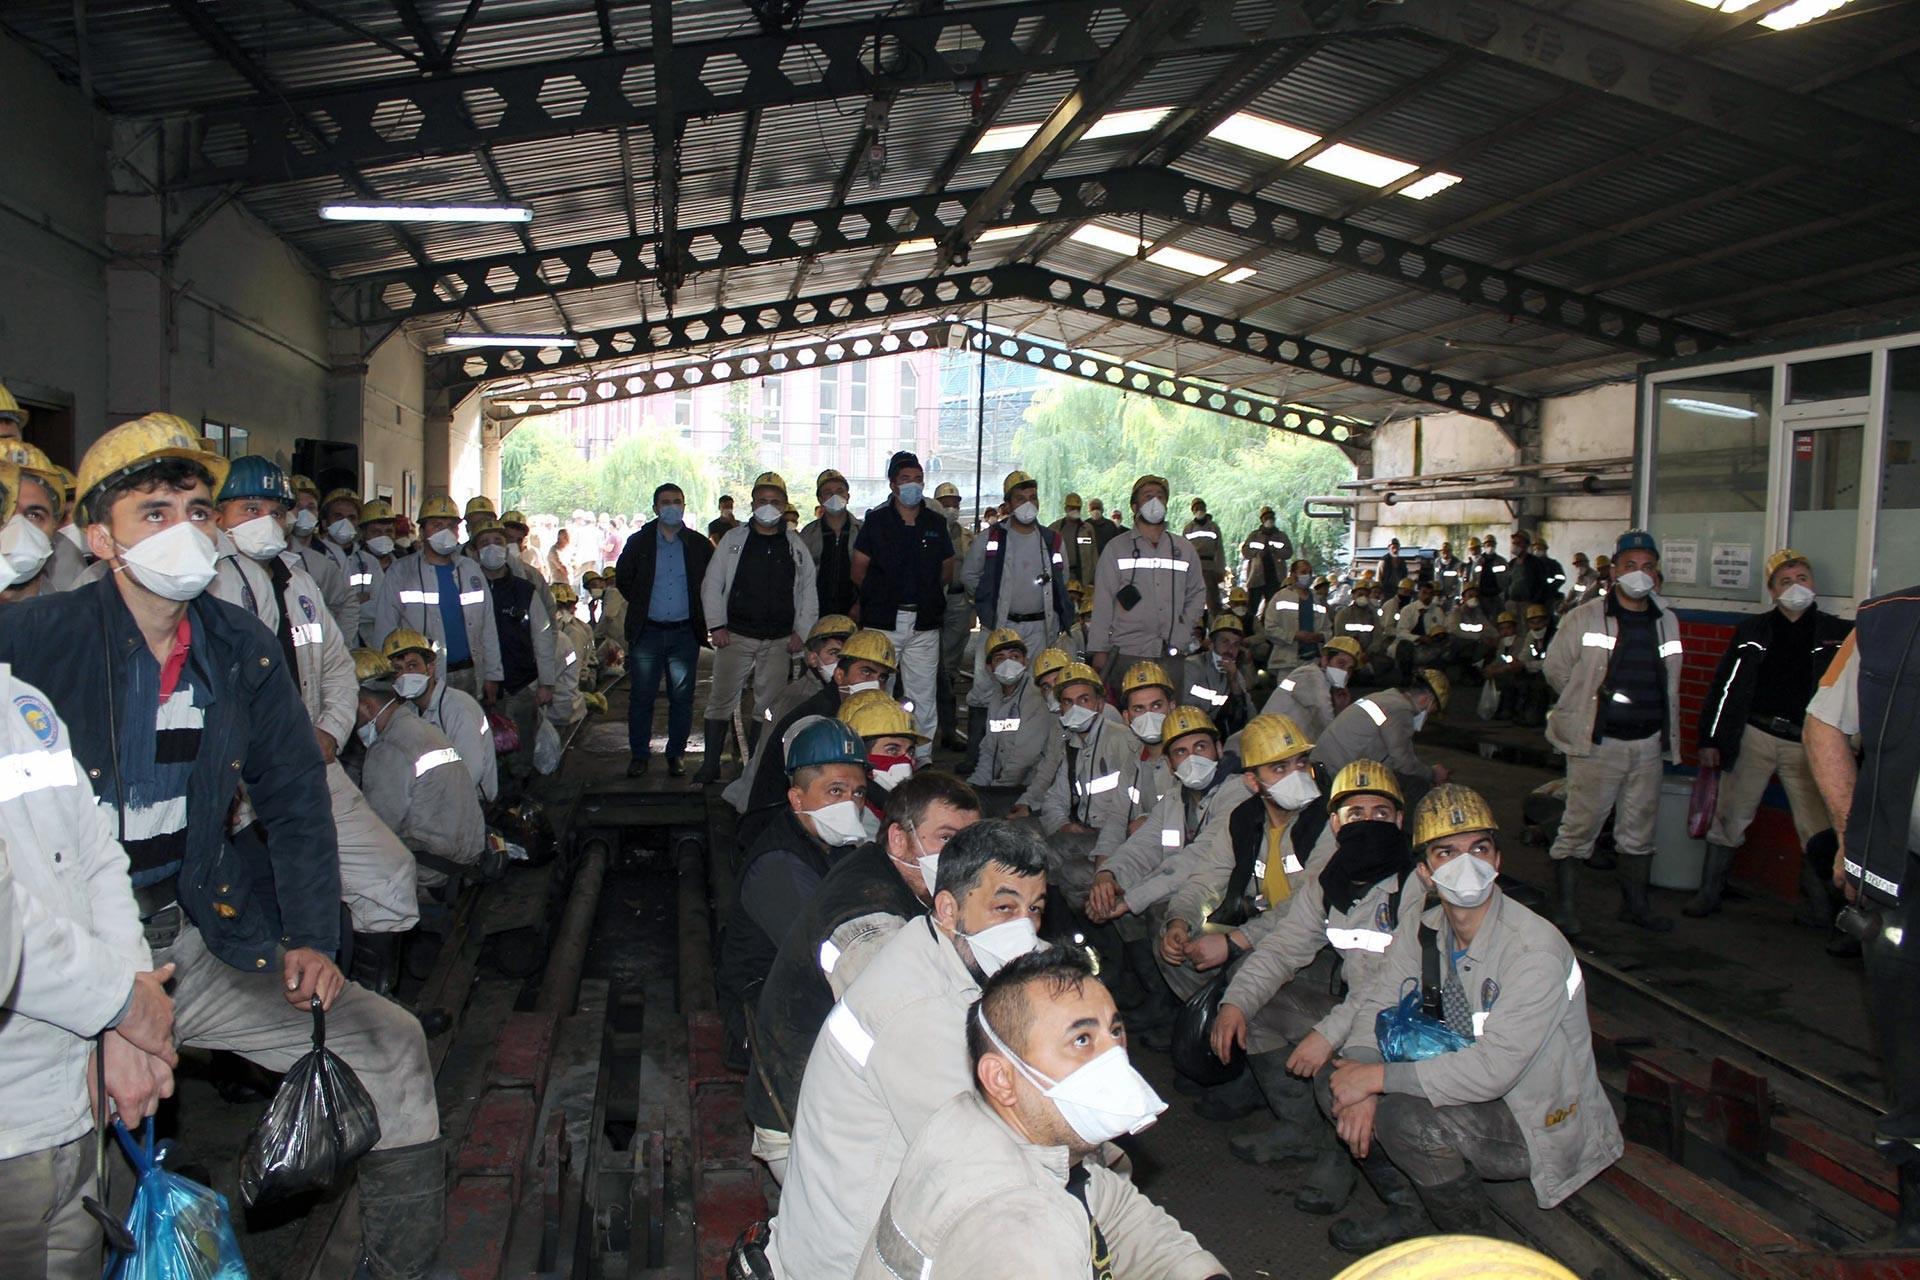 Maden birişinde bekleyen işçiler